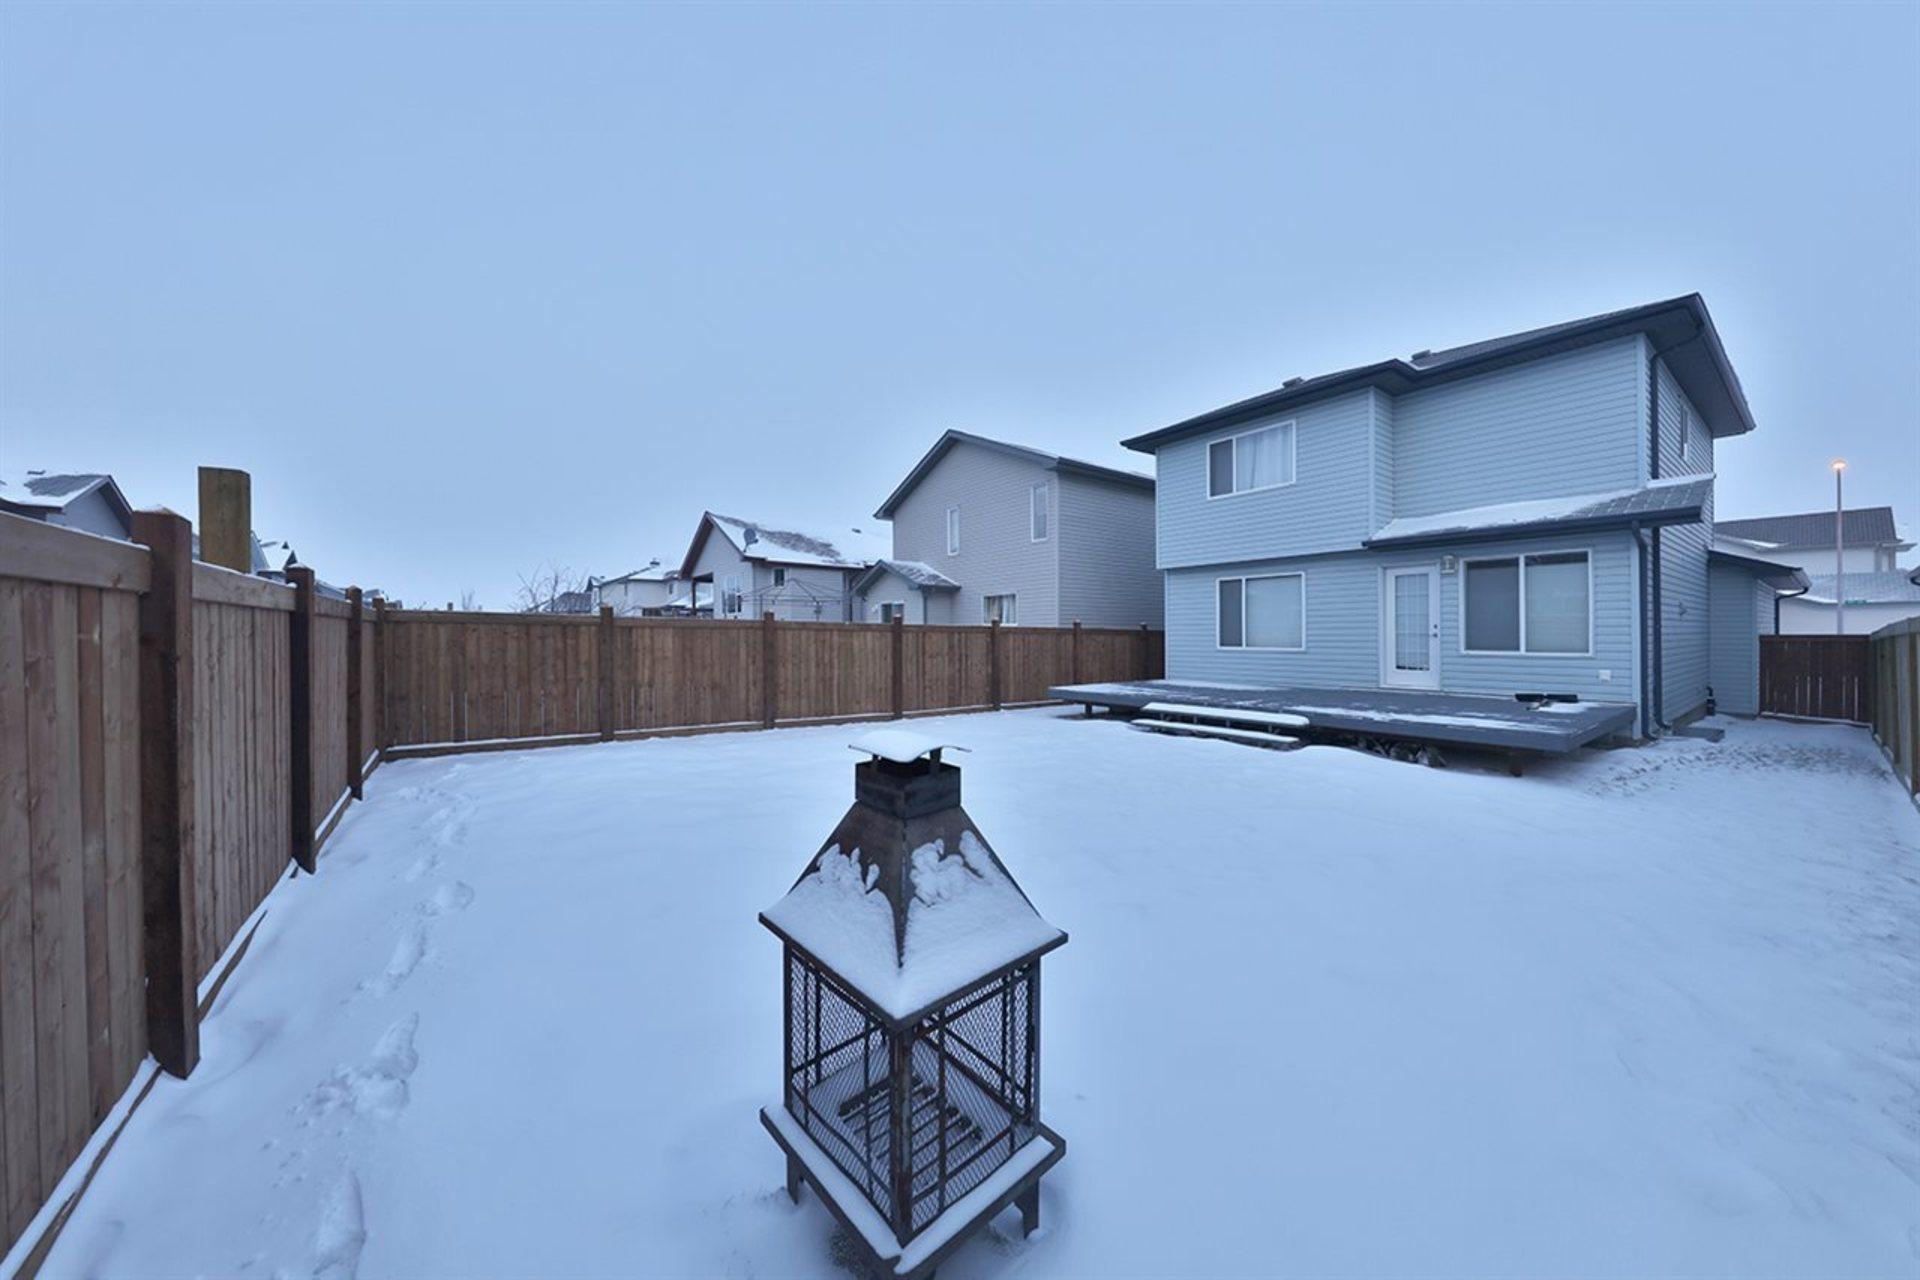 17316-119-street-canossa-edmonton-16 at 17316 119 Street, Canossa, Edmonton